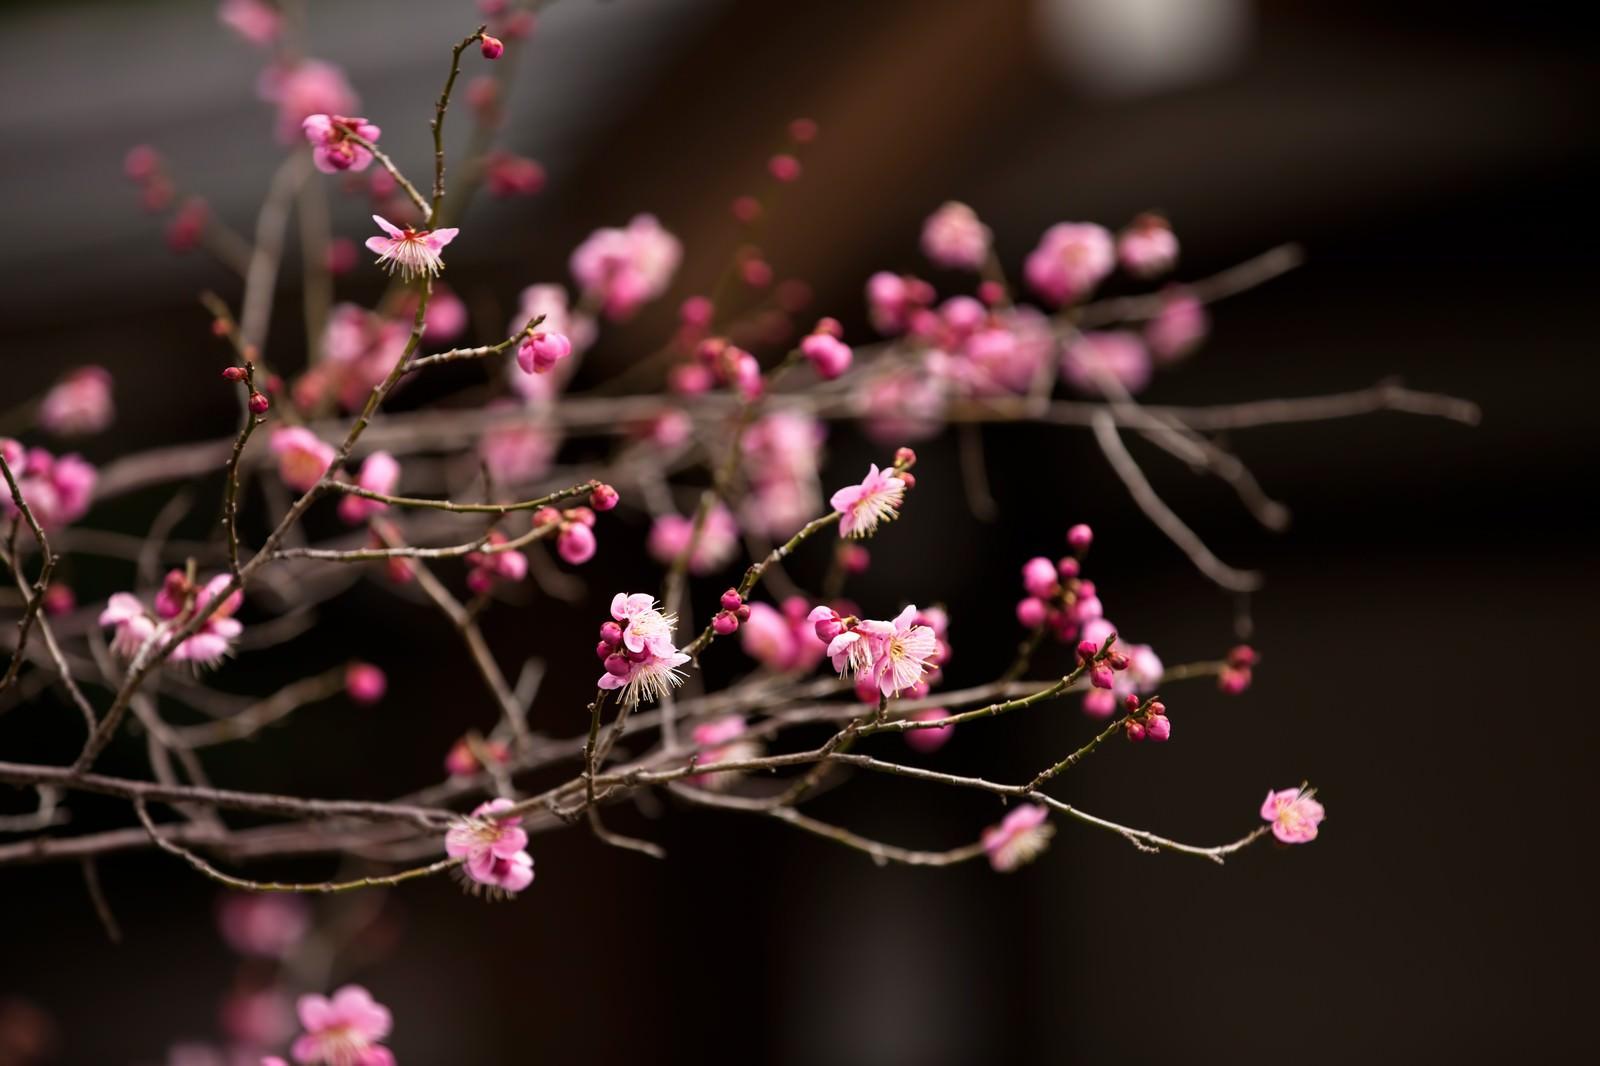 「ピンク色の梅の花ピンク色の梅の花」のフリー写真素材を拡大